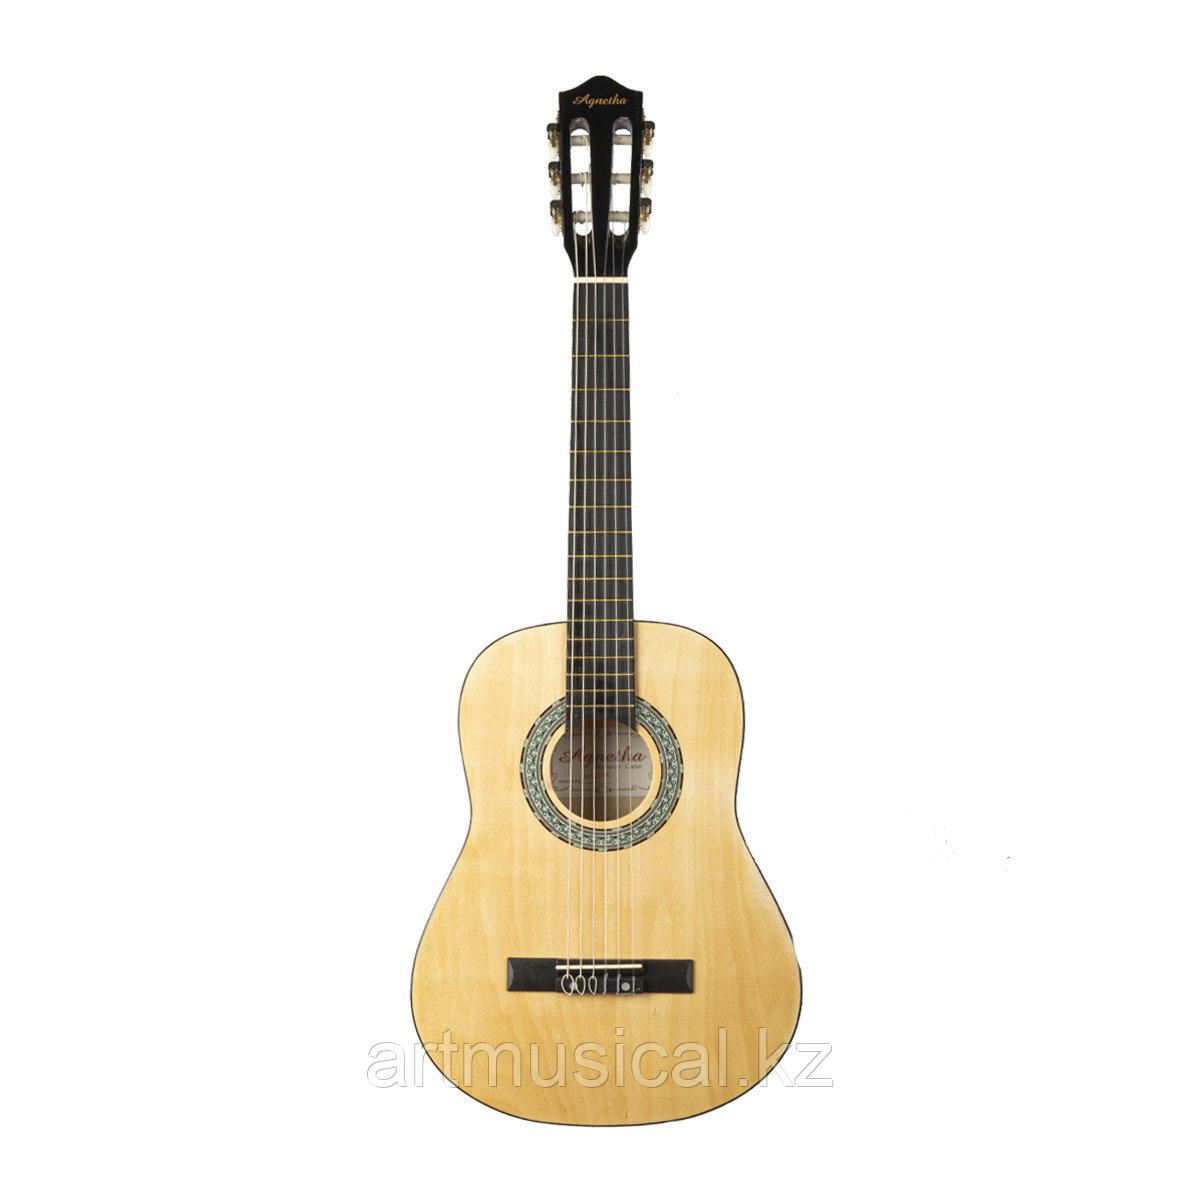 Детская гитара Agnetha APS-E140 NT 1/4